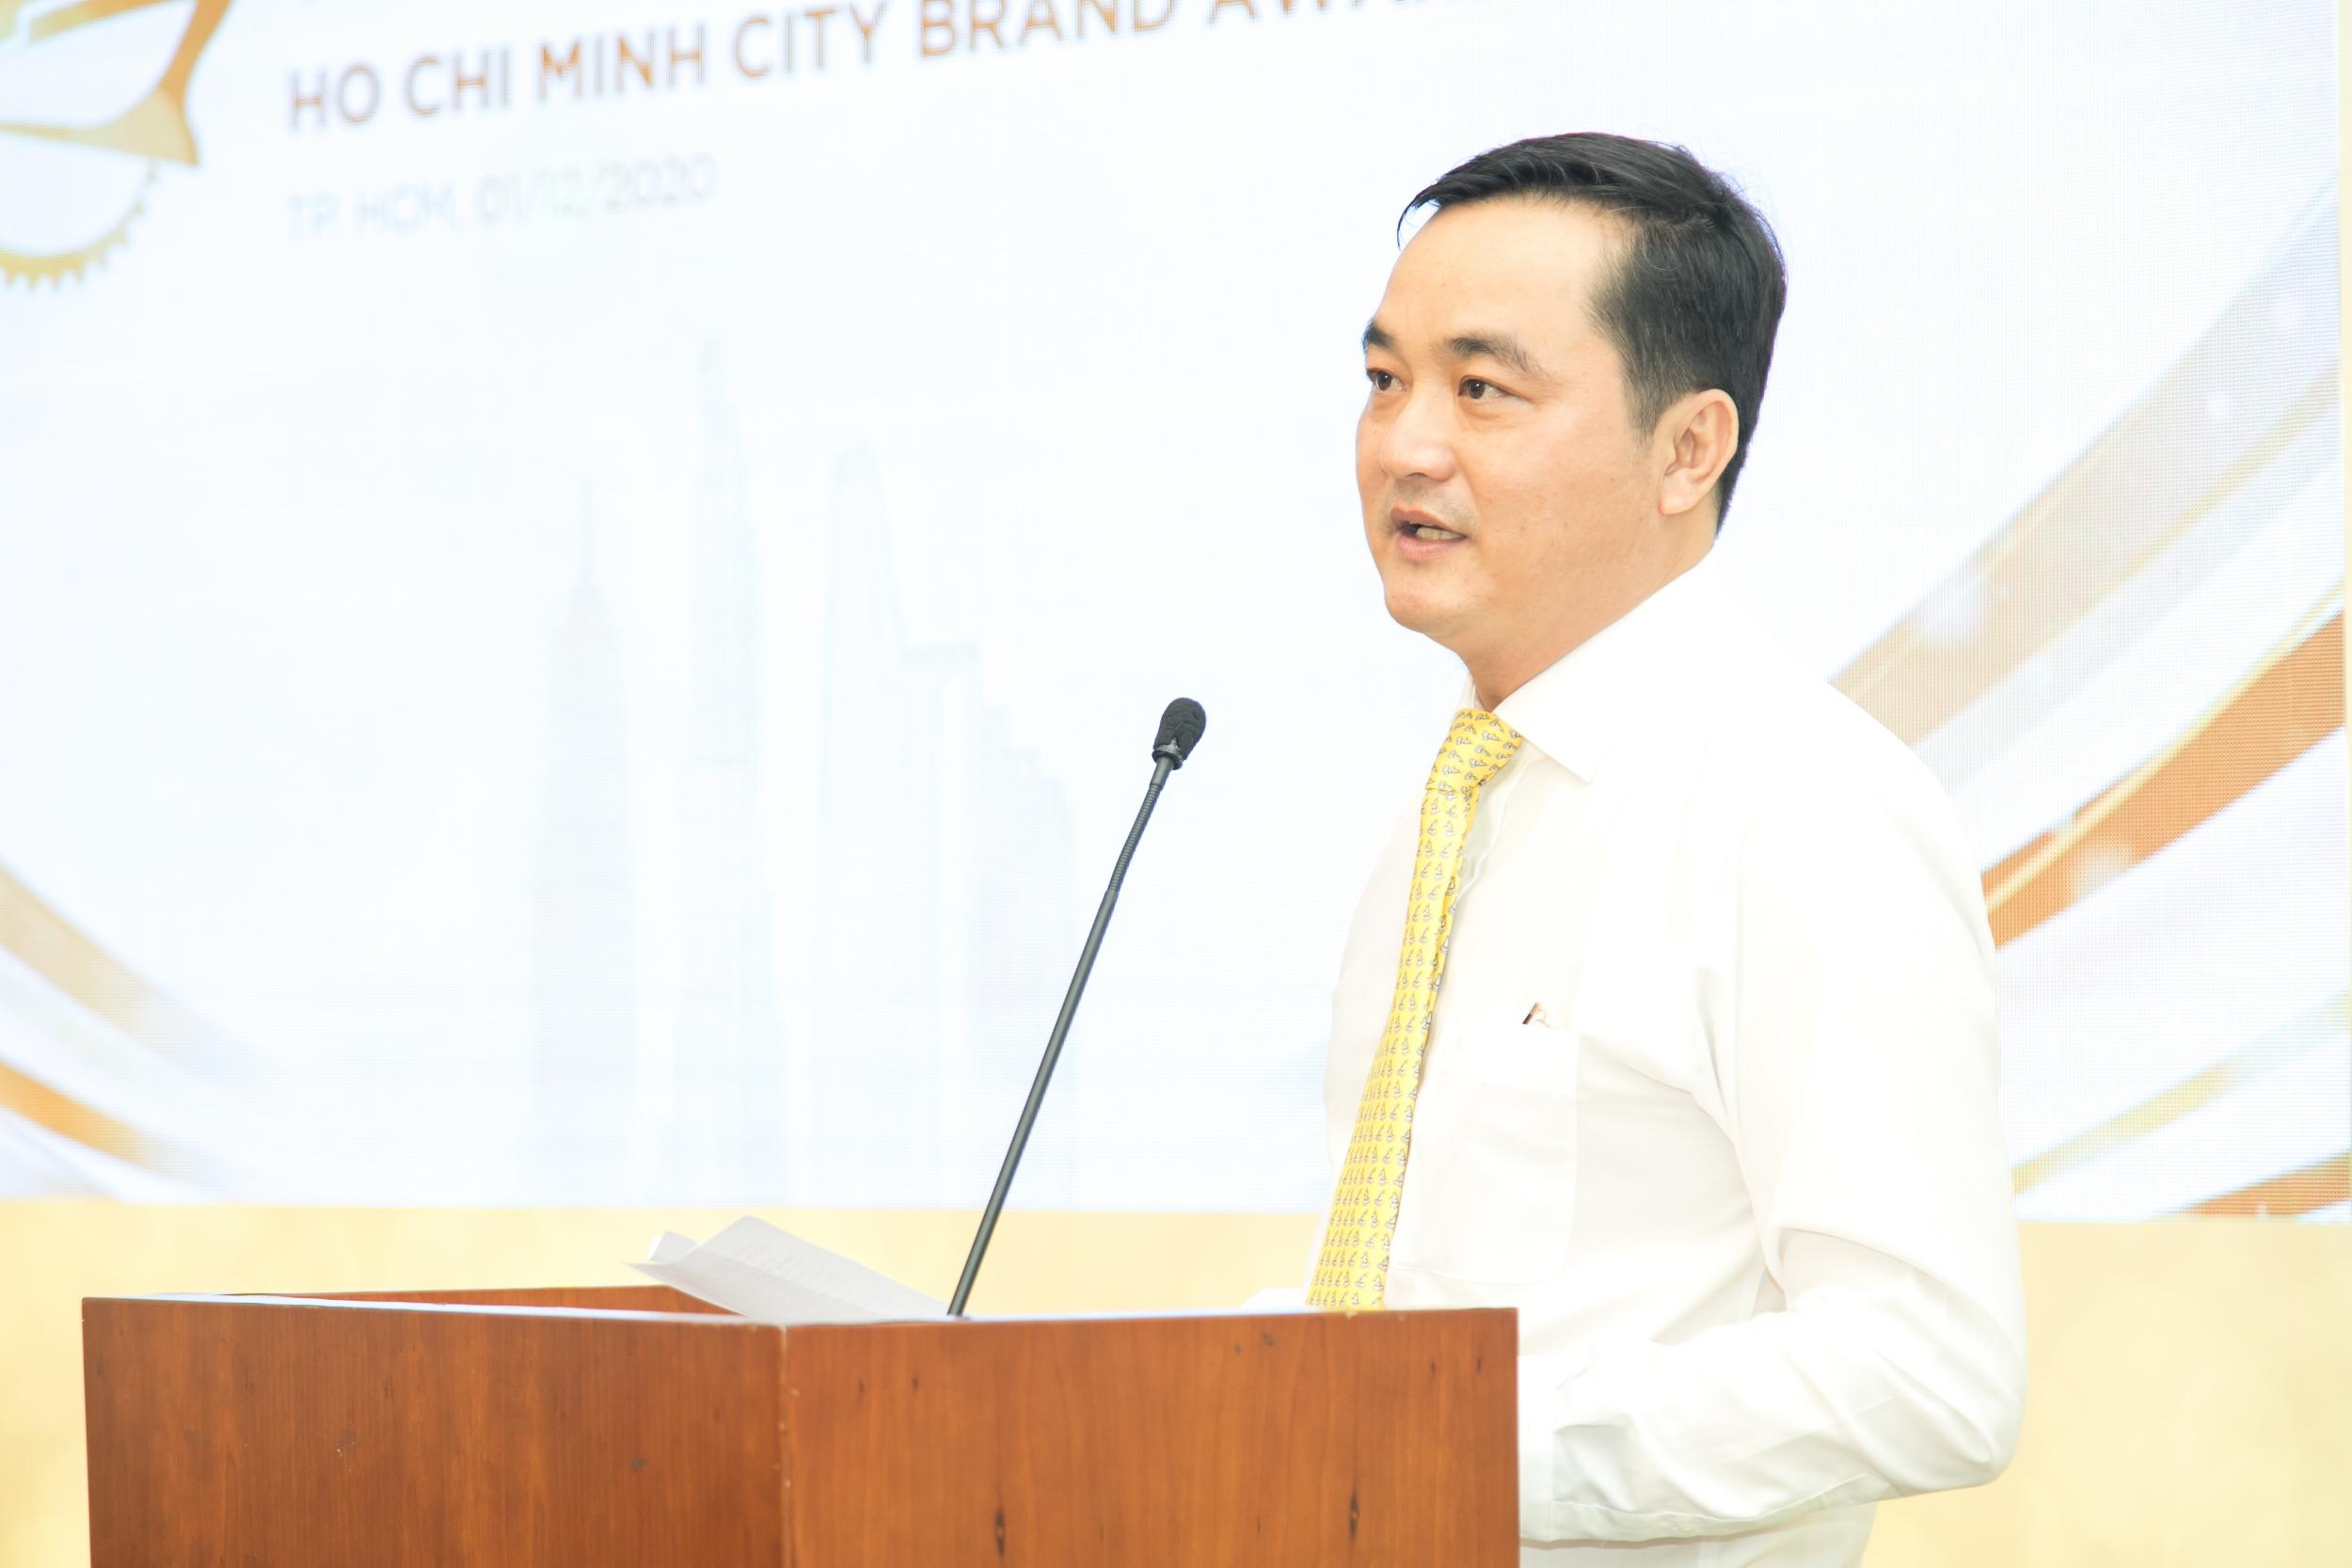 Ông Bùi Tá Hoàng Vũ - Giám đốc Sở Công thương TPHCM phát biểu tại chương trình